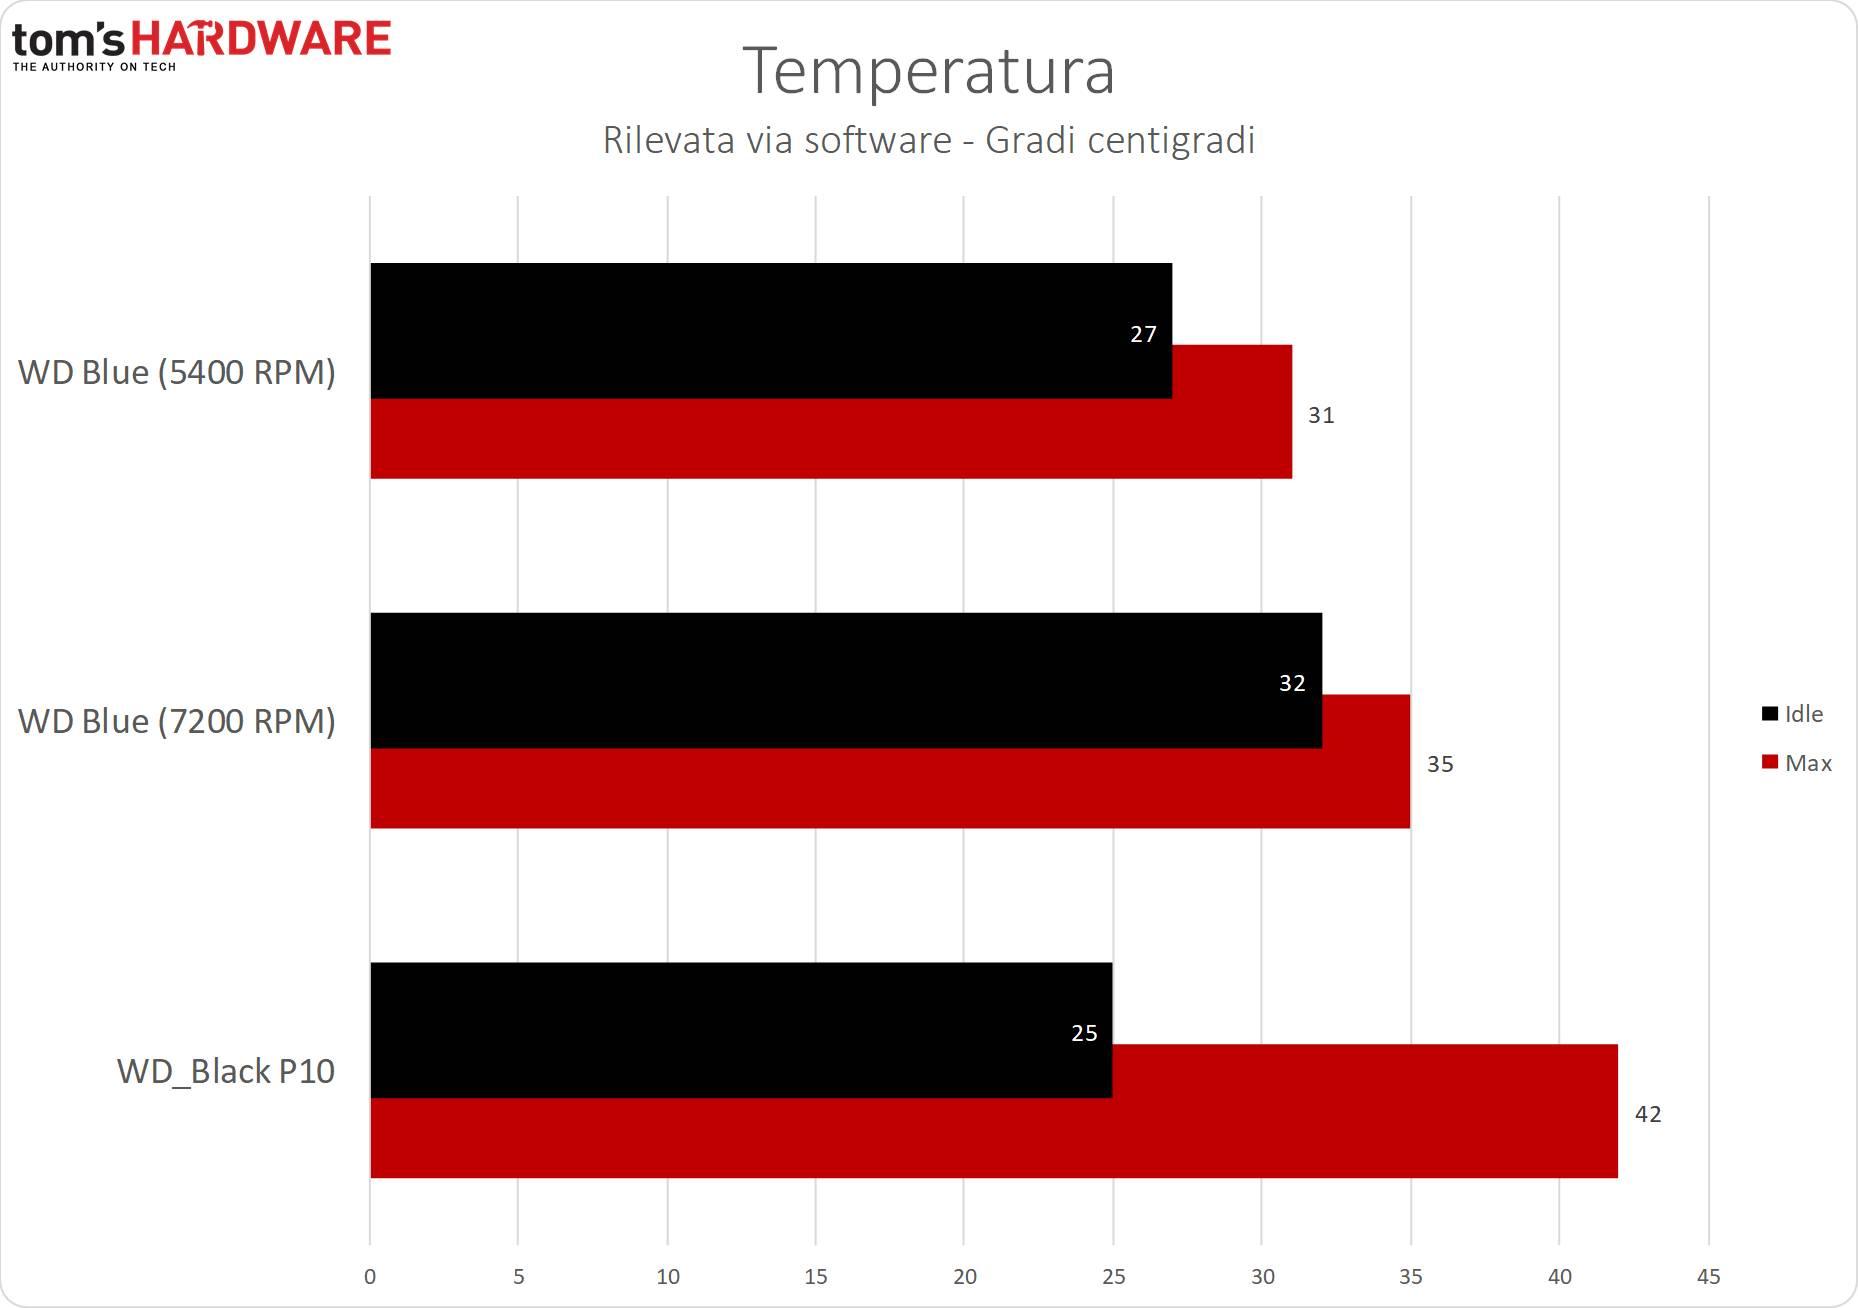 WD_Black P10 - Temperatura